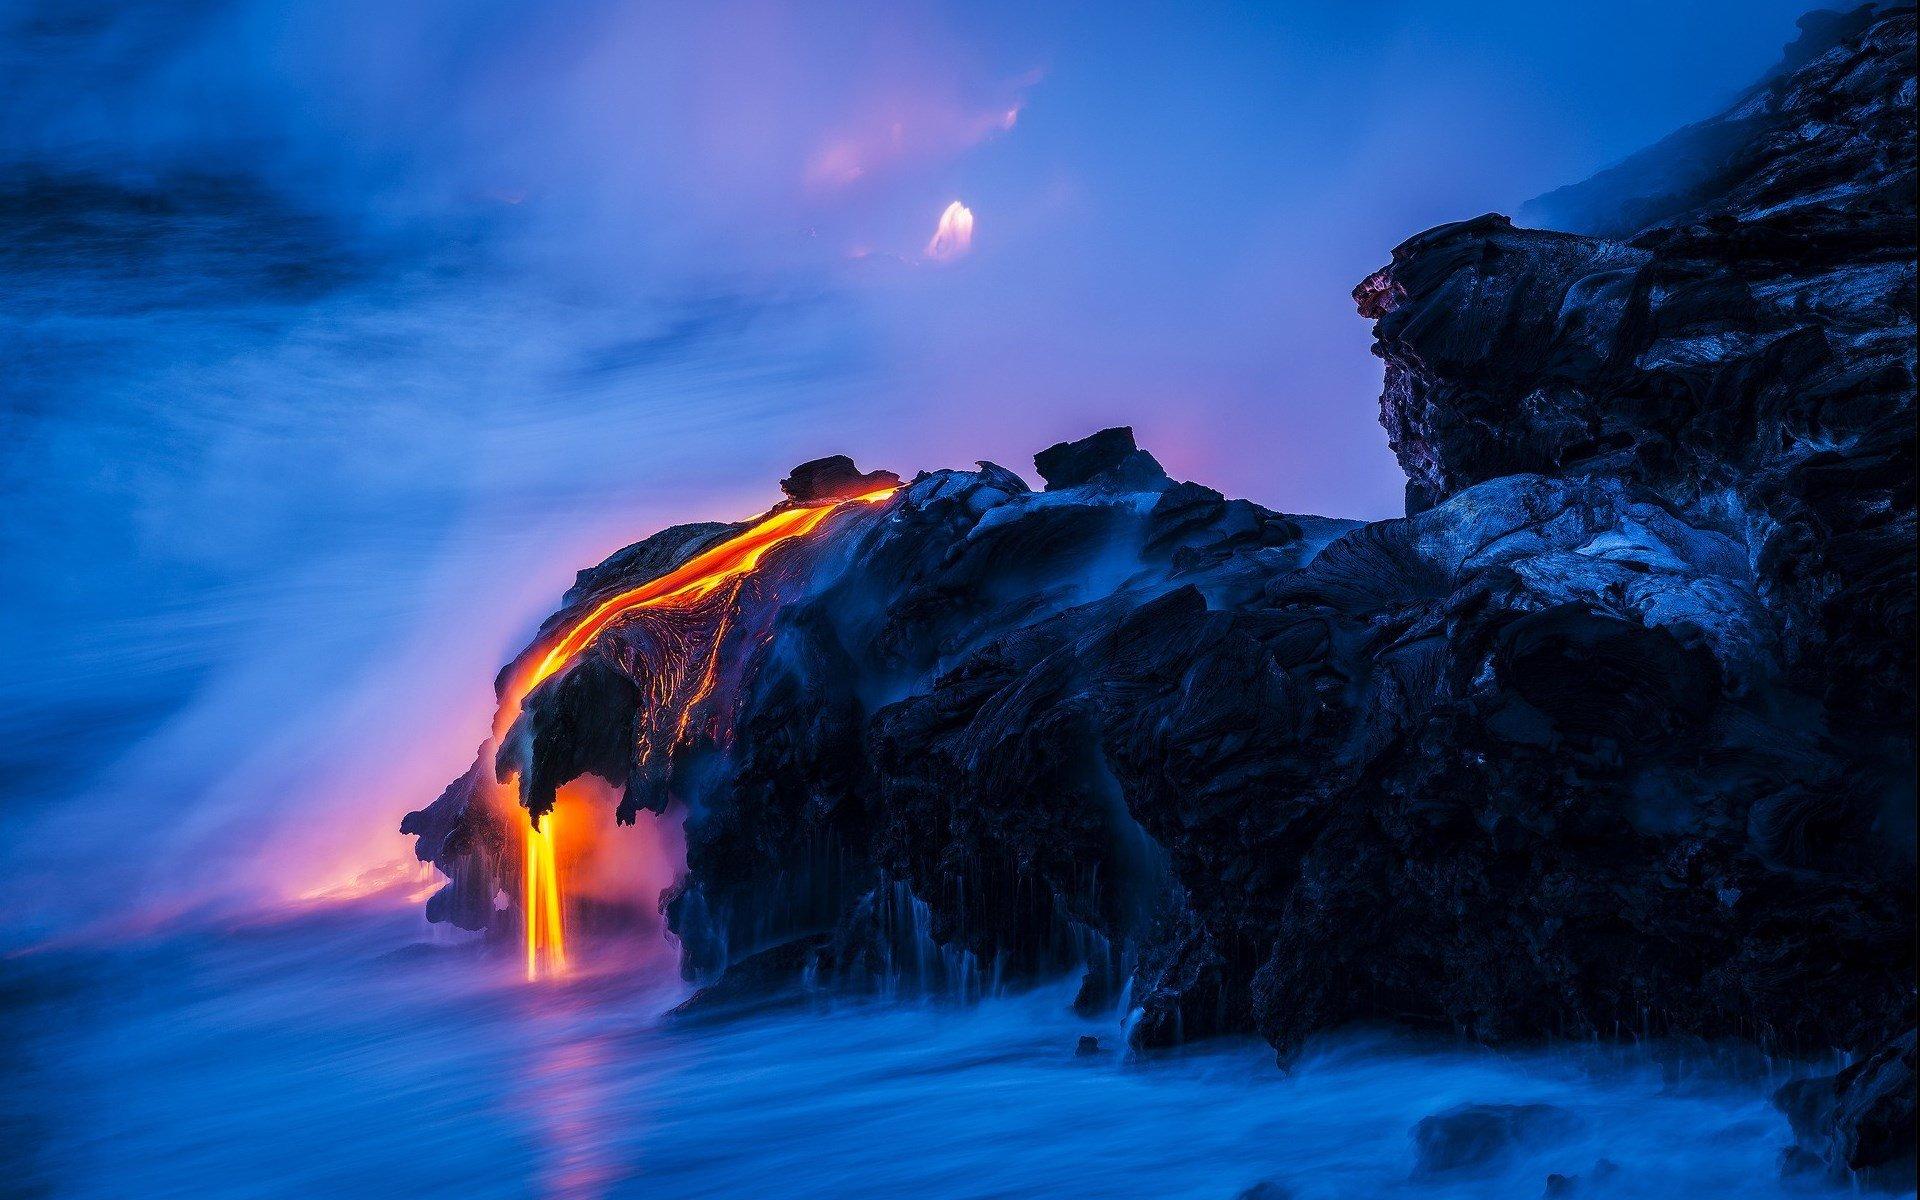 超清晰自然风景壁纸 壮丽火山自然风景高清桌面壁纸下载 _壁纸素材_百